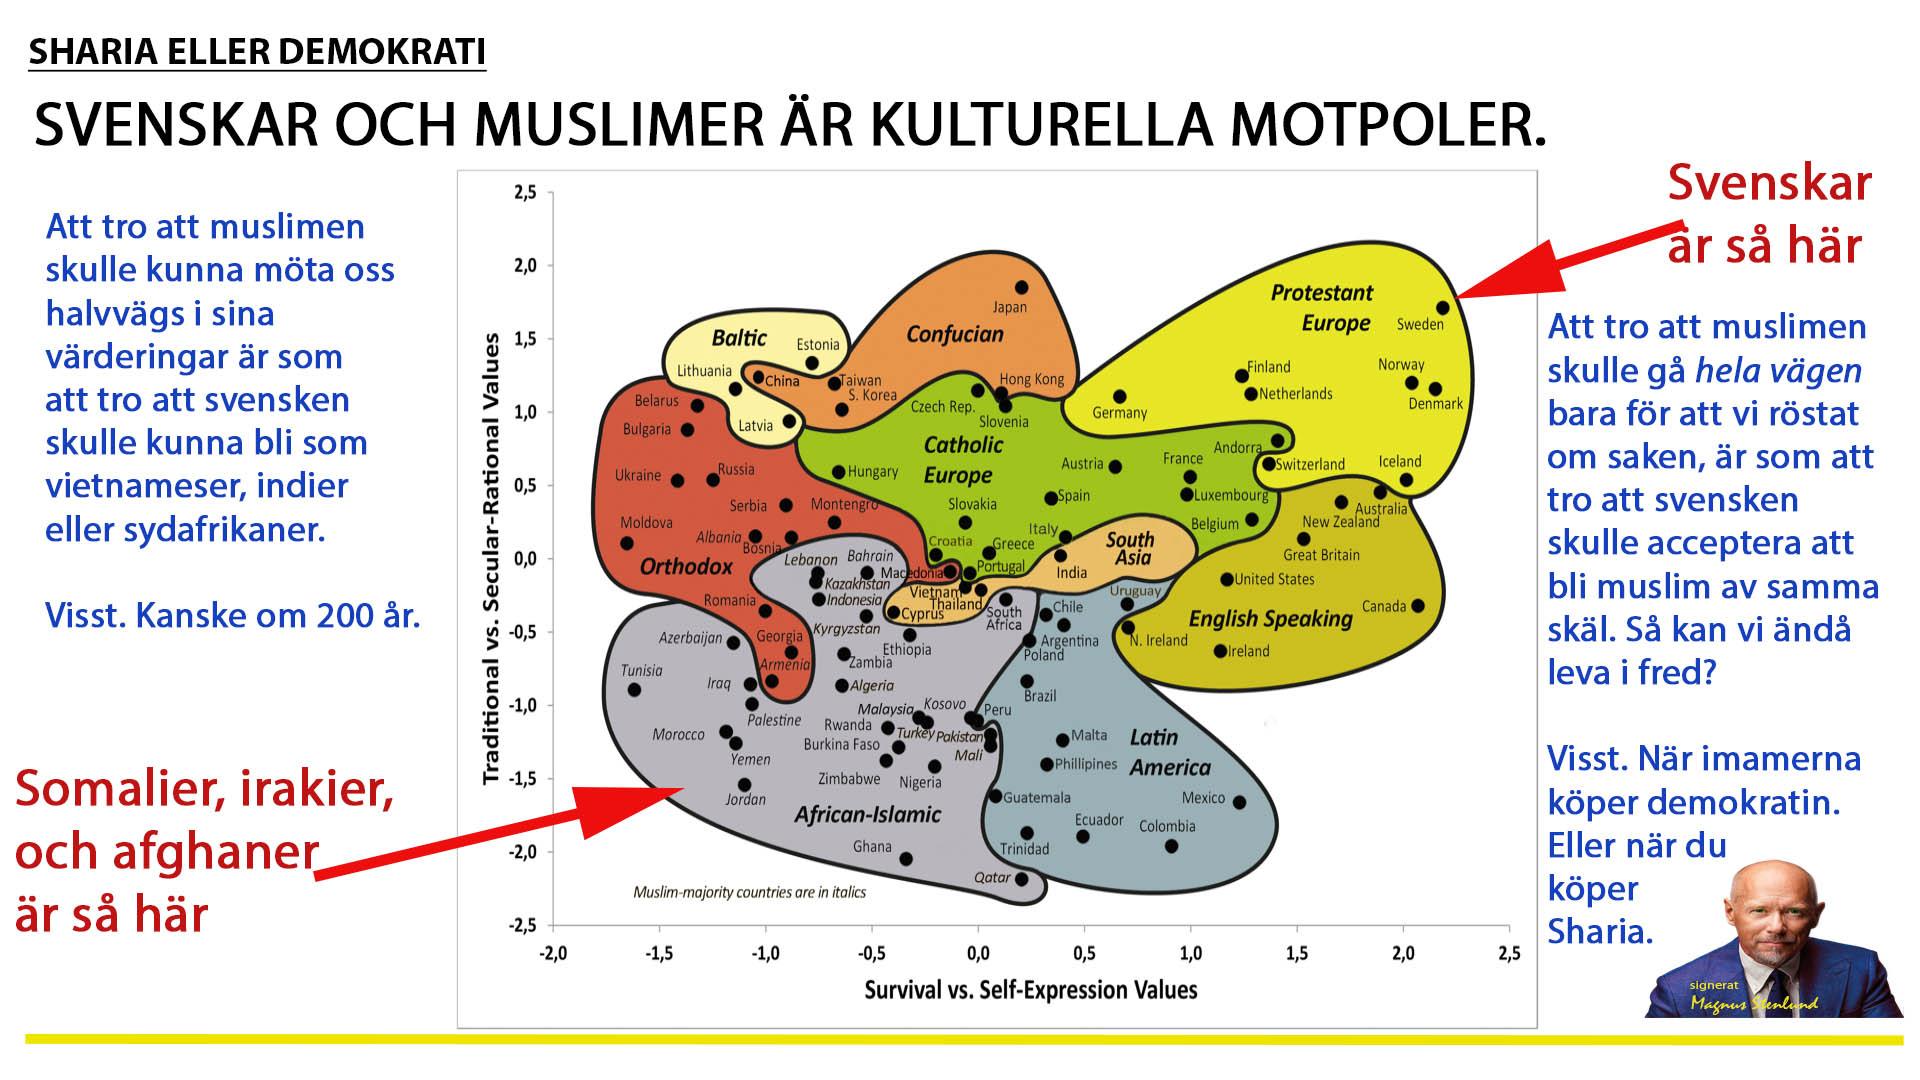 Sverige är ingen mångkultur, det är bara vi och islam. Och en spännvidd oss emellan som gör demokratin osäker.